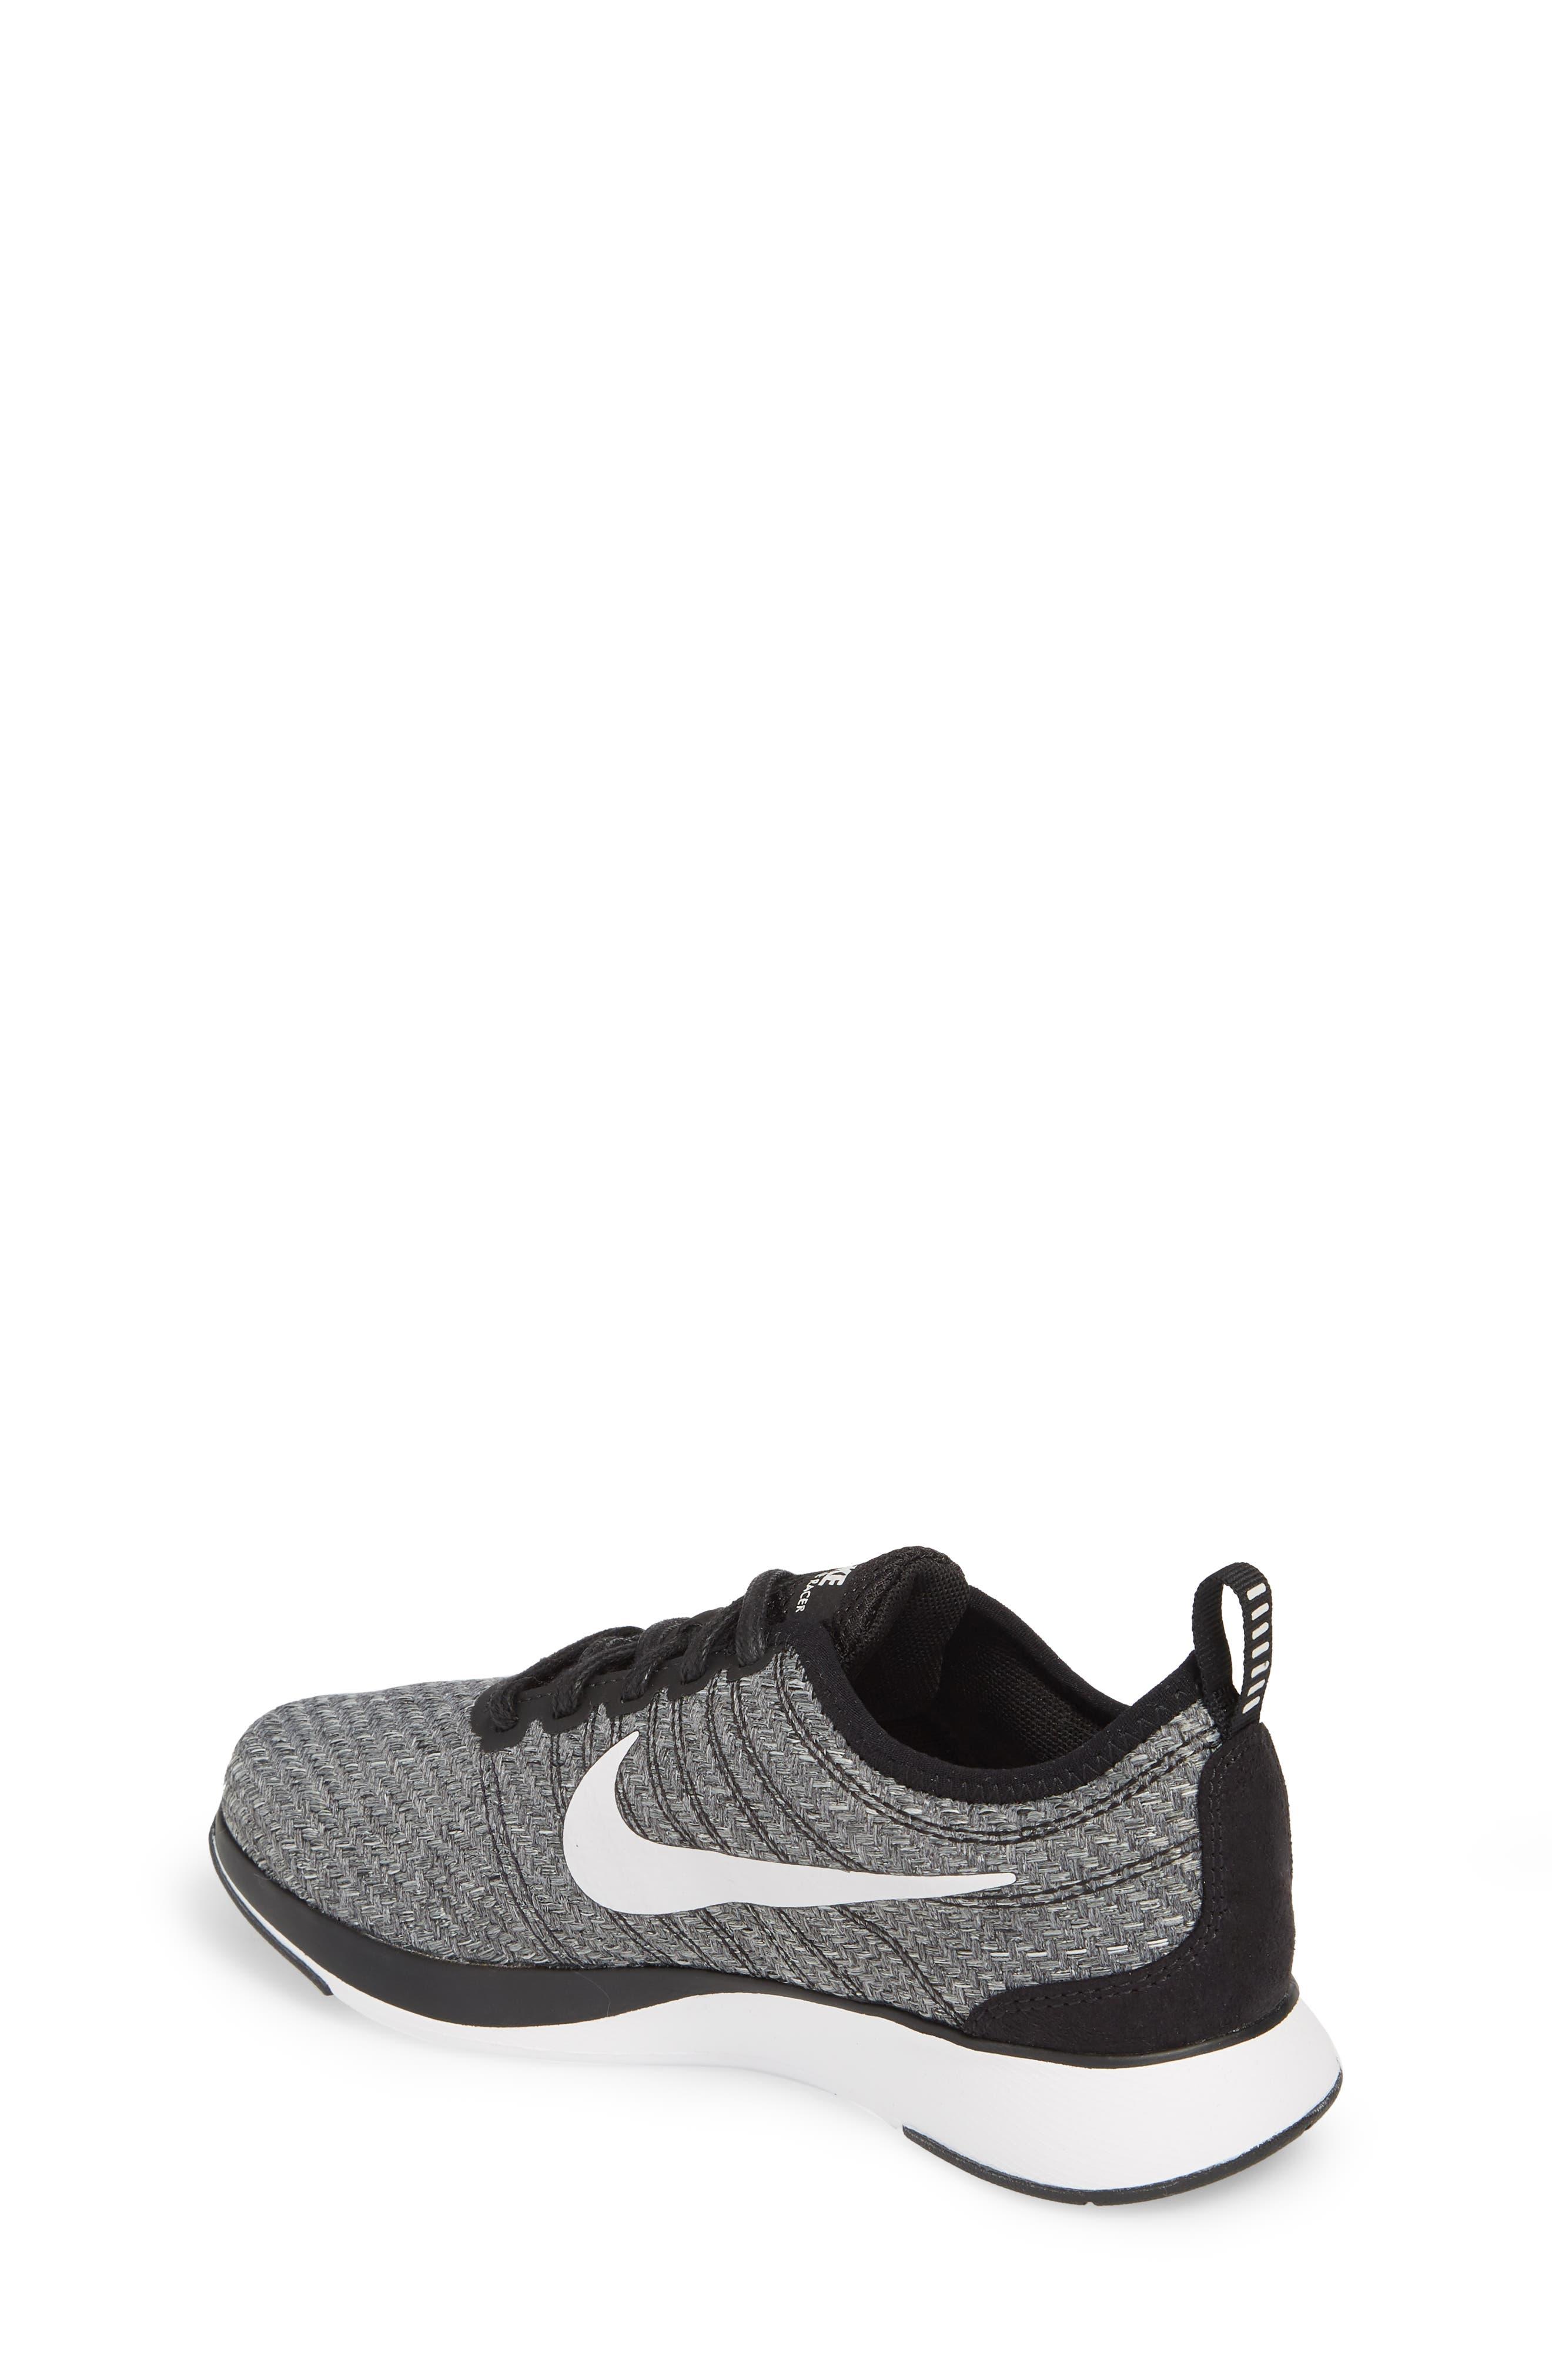 Dualtone Racer SE Sneaker,                             Alternate thumbnail 2, color,                             Black/ Vast Grey/ White